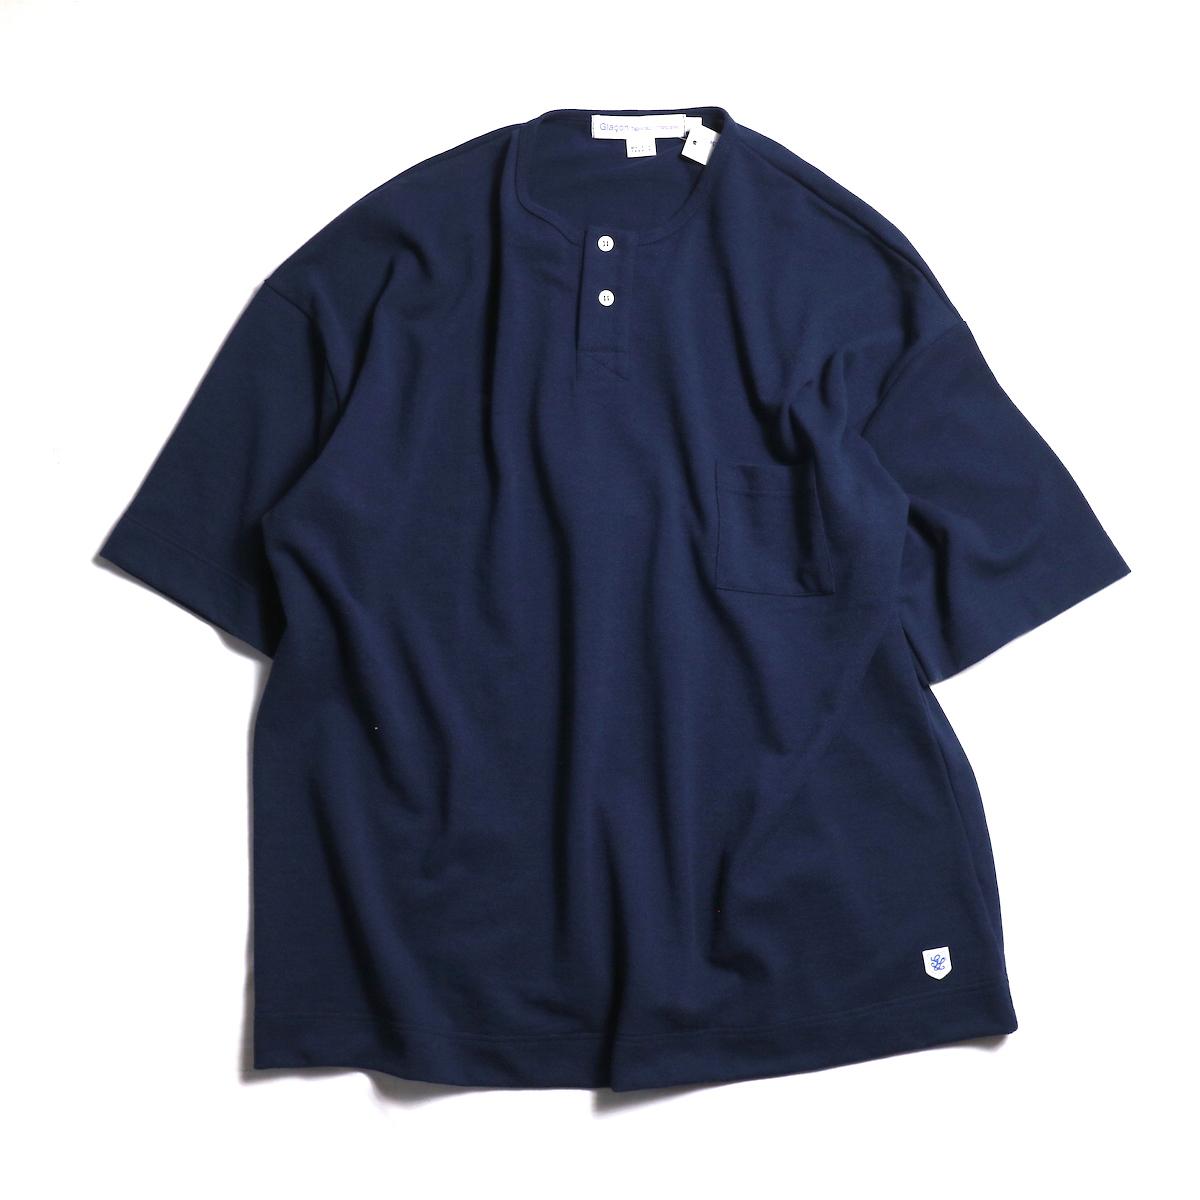 Glacon / Pique Big No Collar Tee -Marine